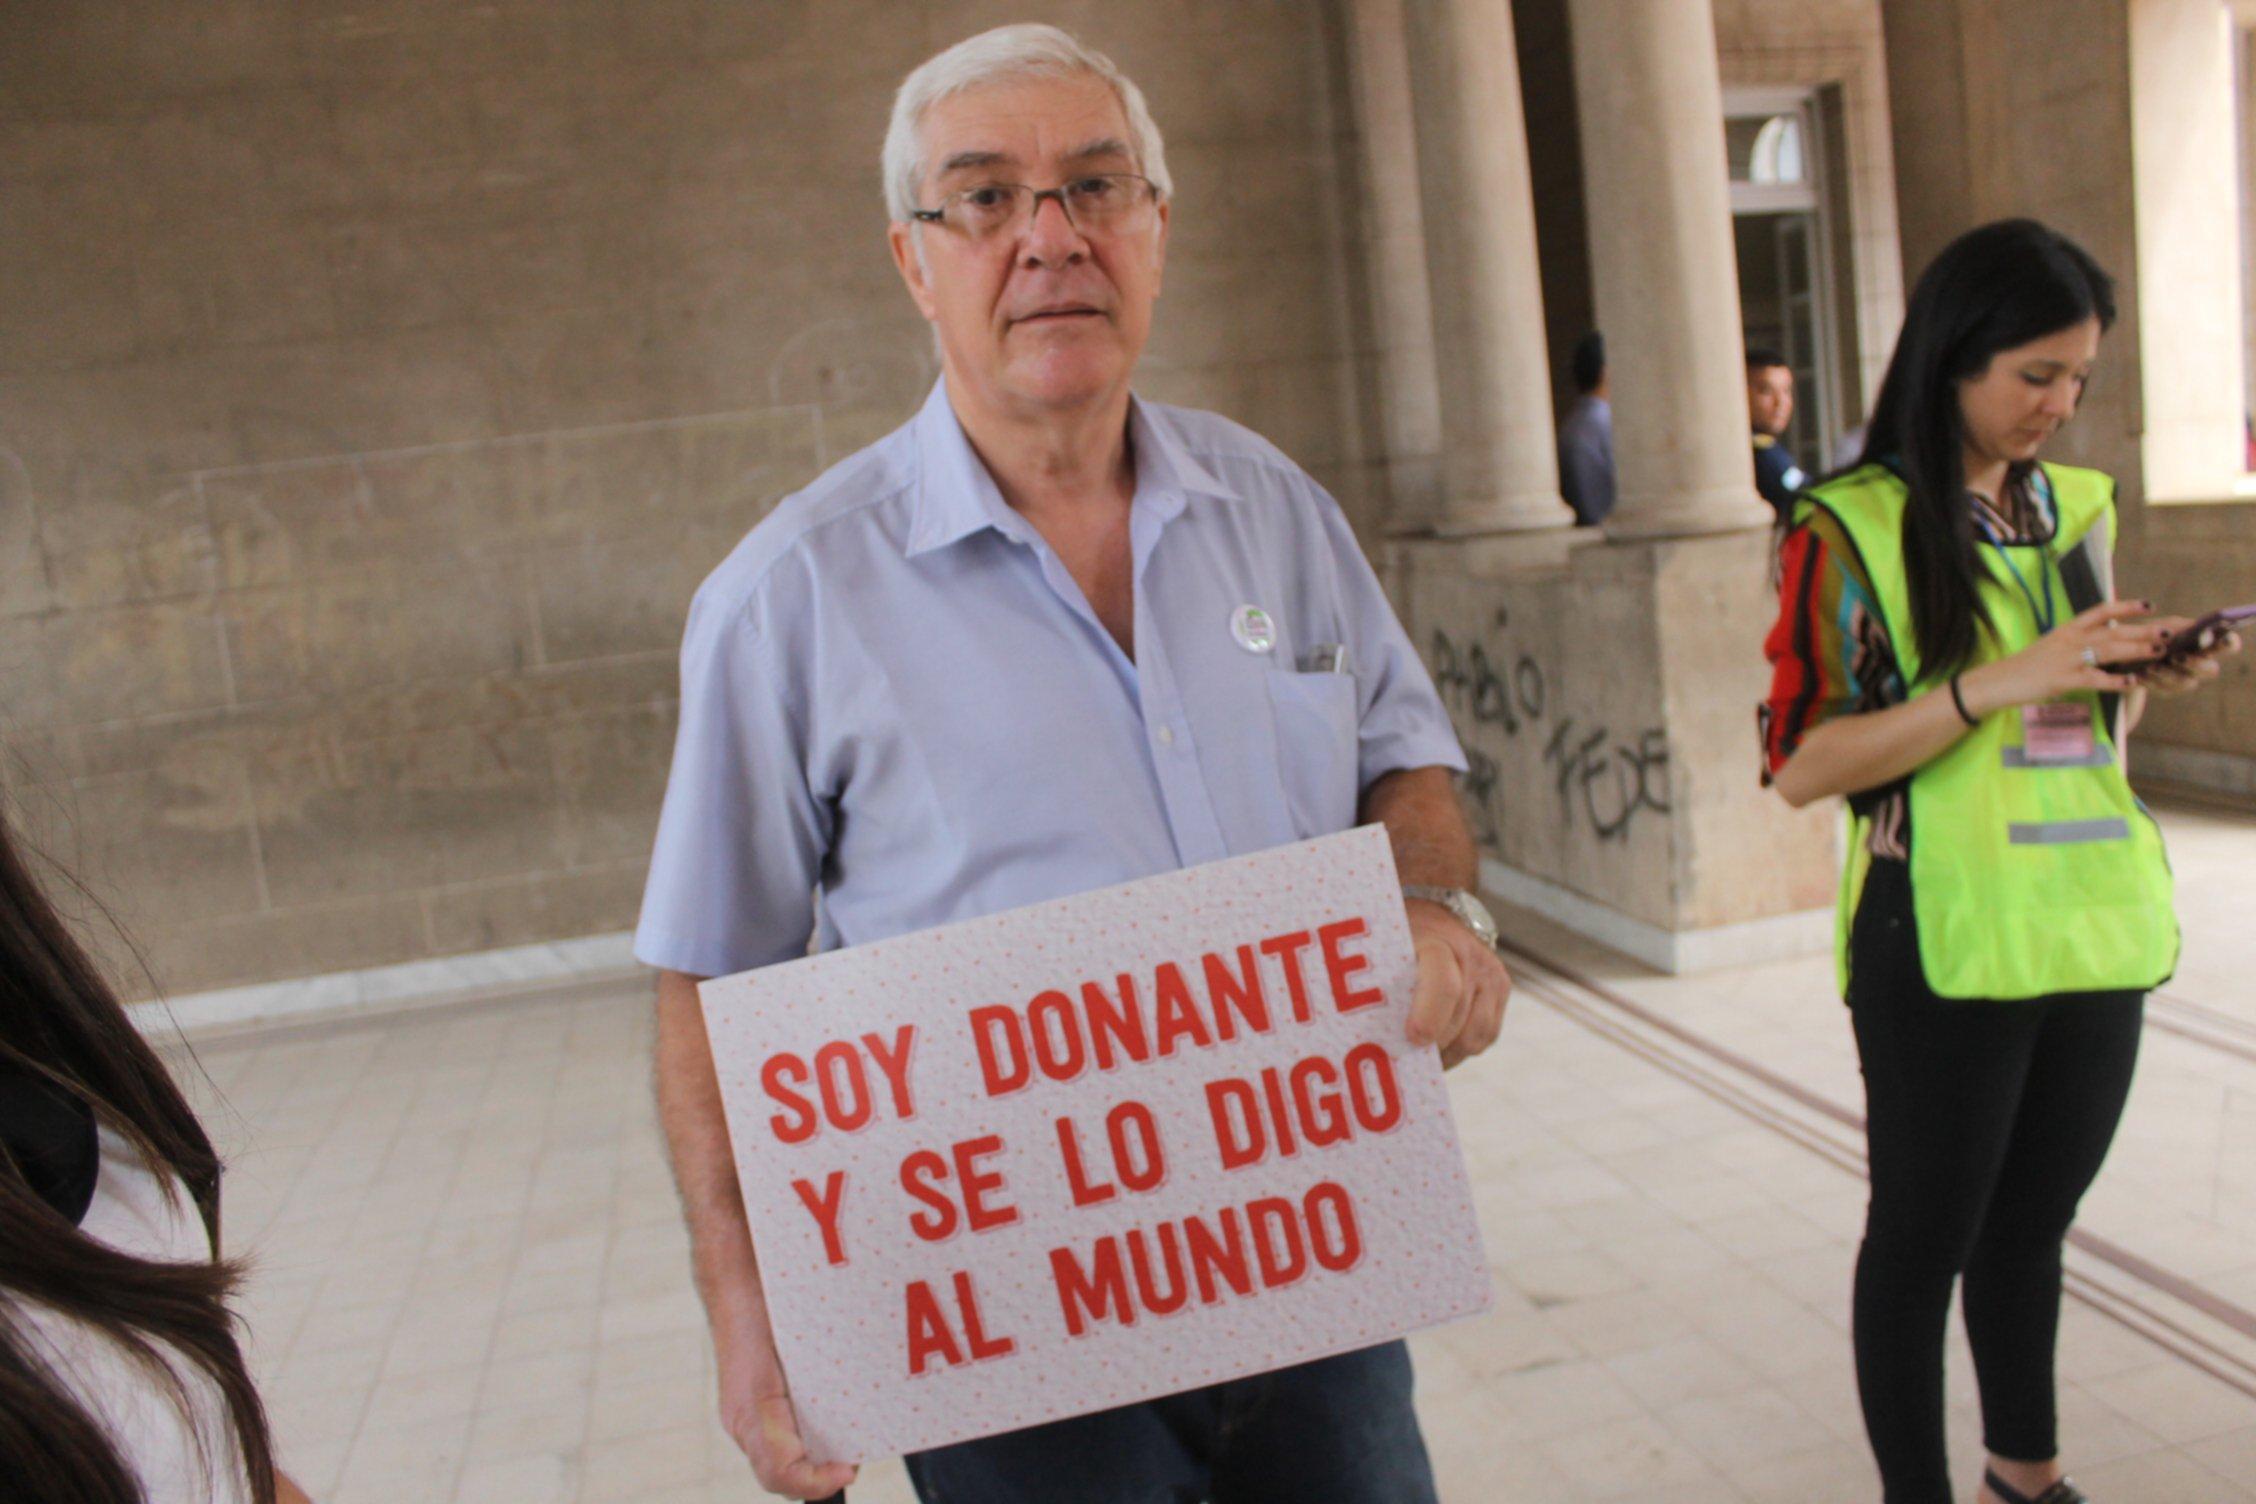 <p>Donación. Especialistas explican la importancia de dar a conocer la decisión de ser donantes.</p>